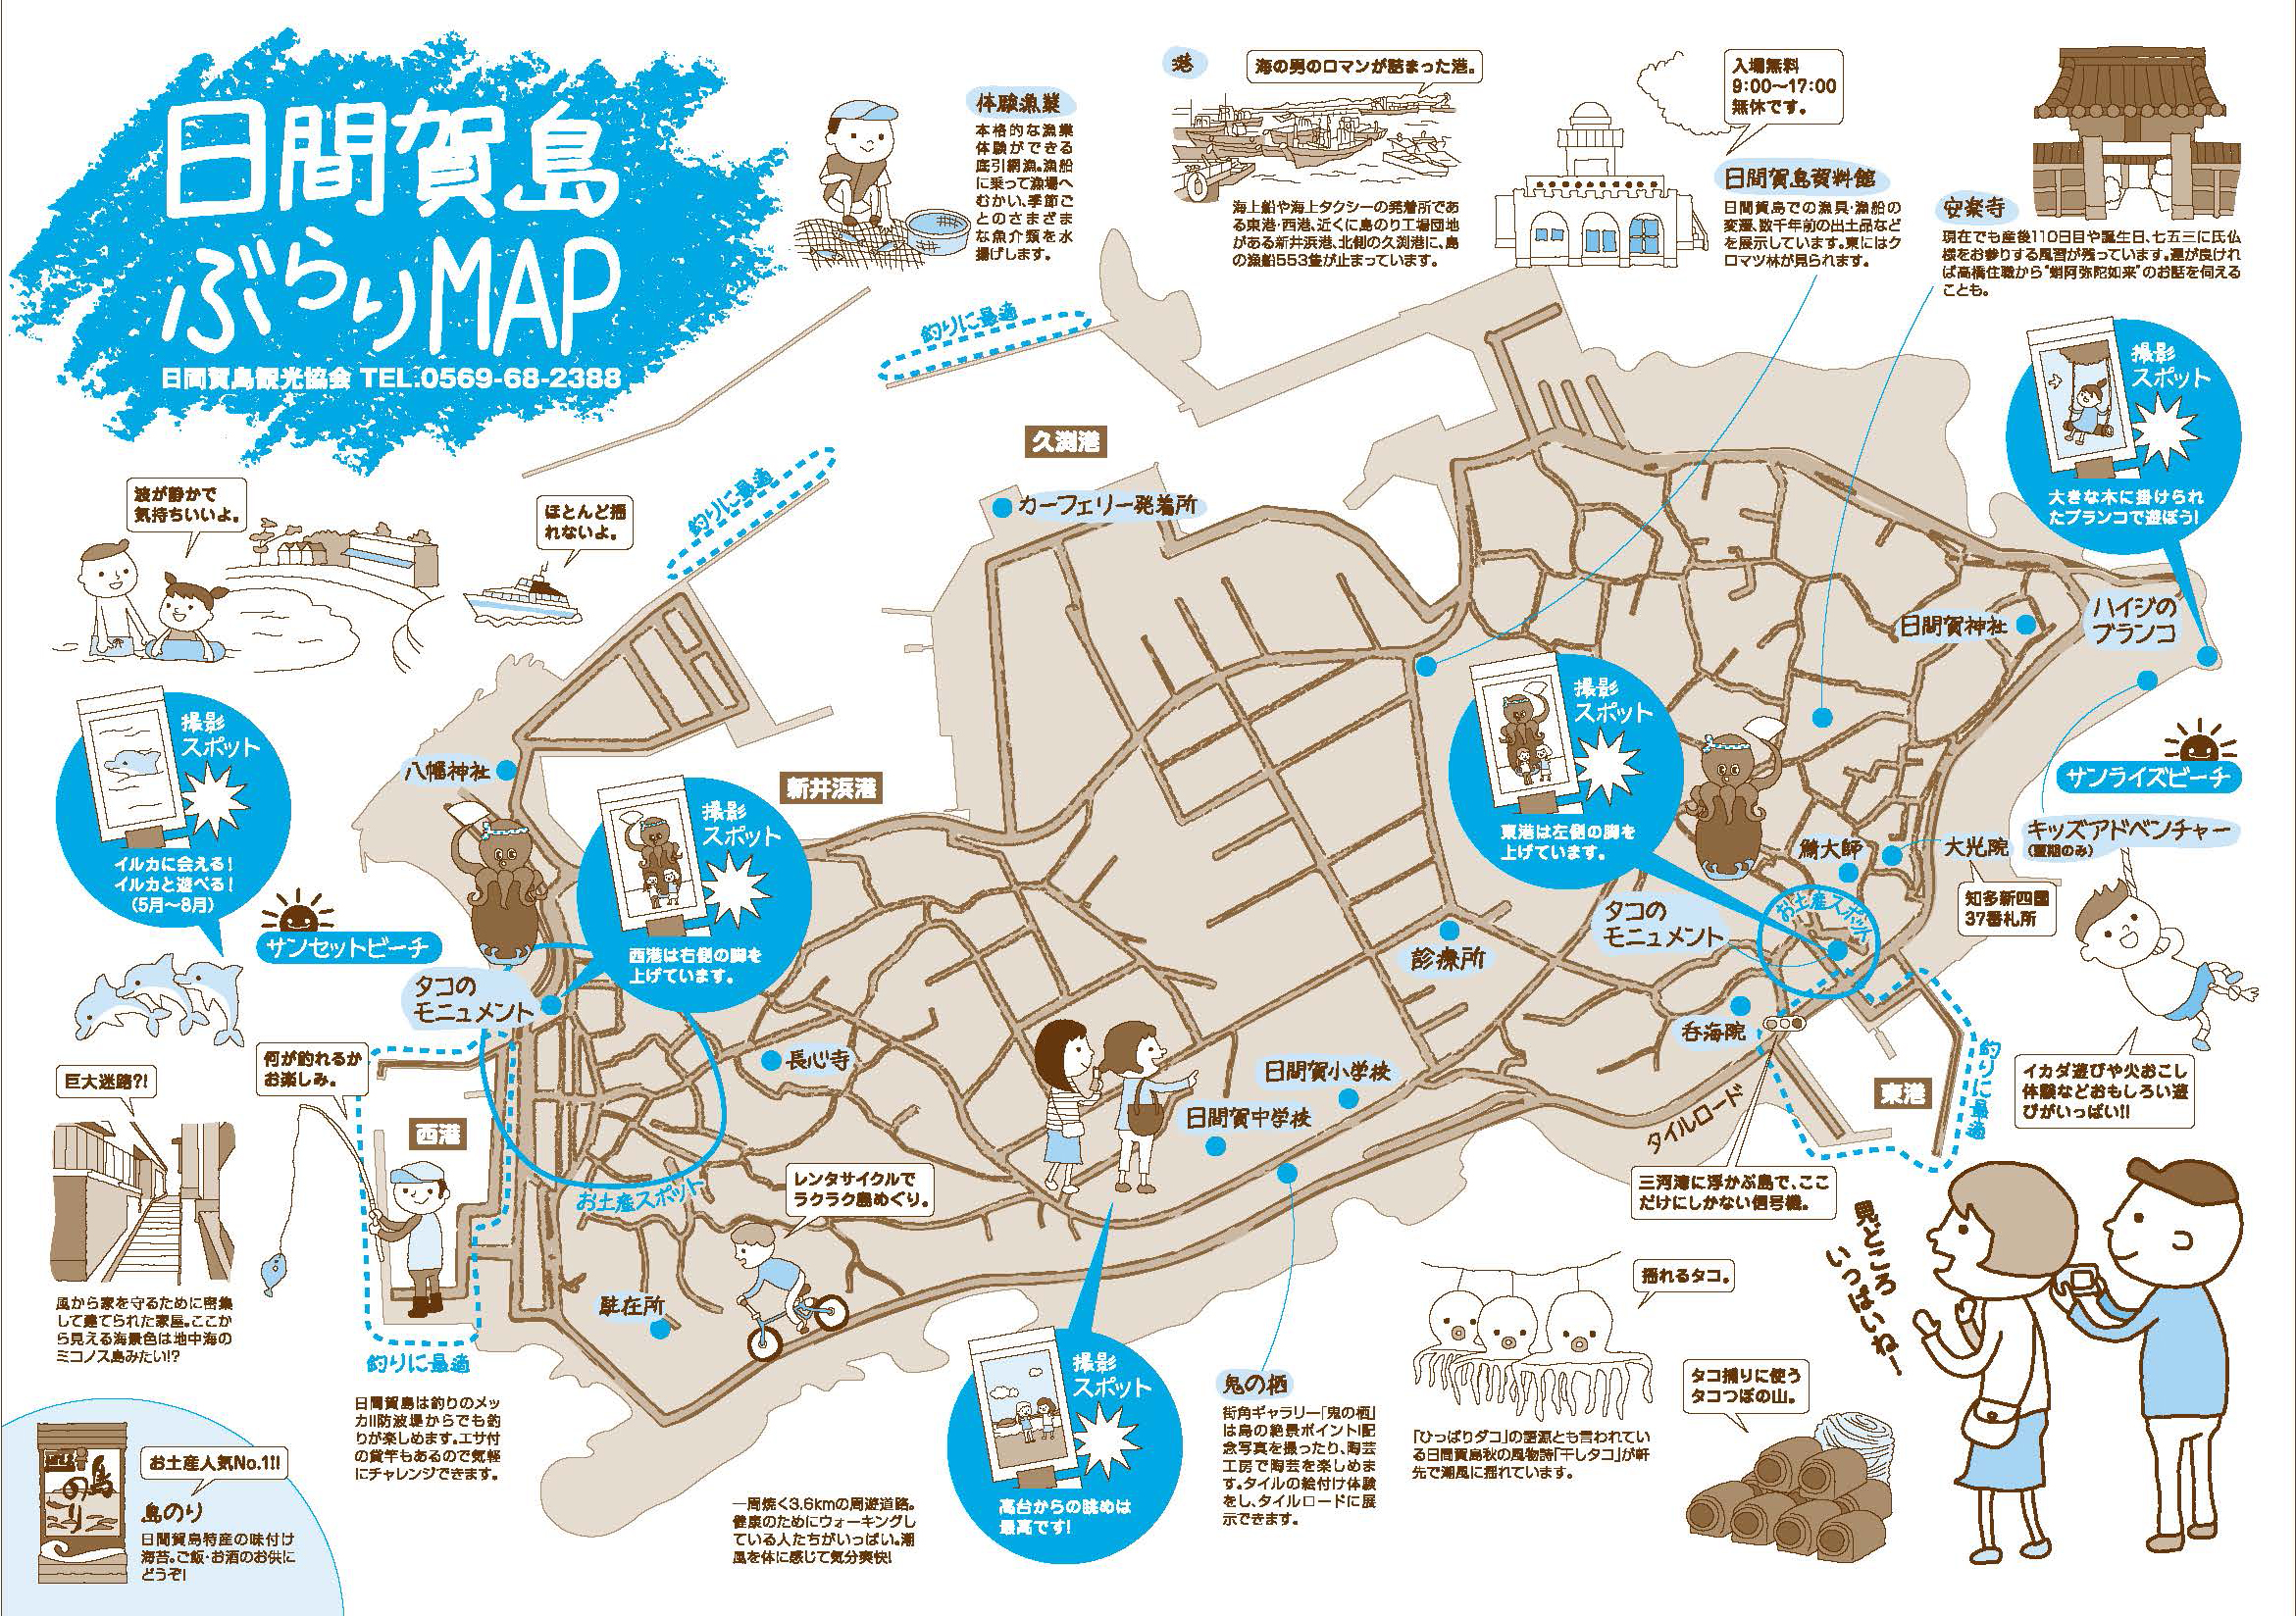 日間賀島ぶらりマップ